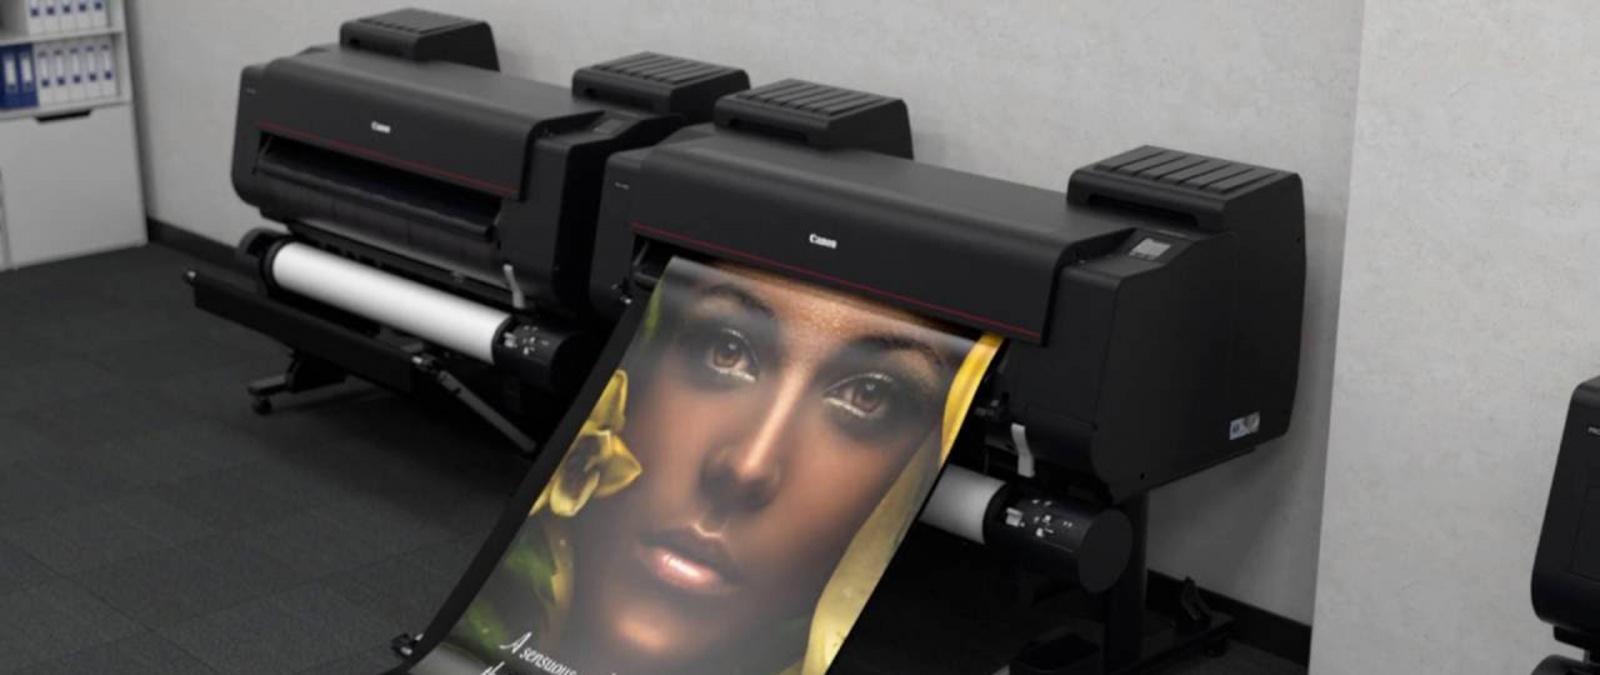 Тонкая красная линия: обзор широкоформатного принтера Canon imagePROGRAF PRO-2000 - 2